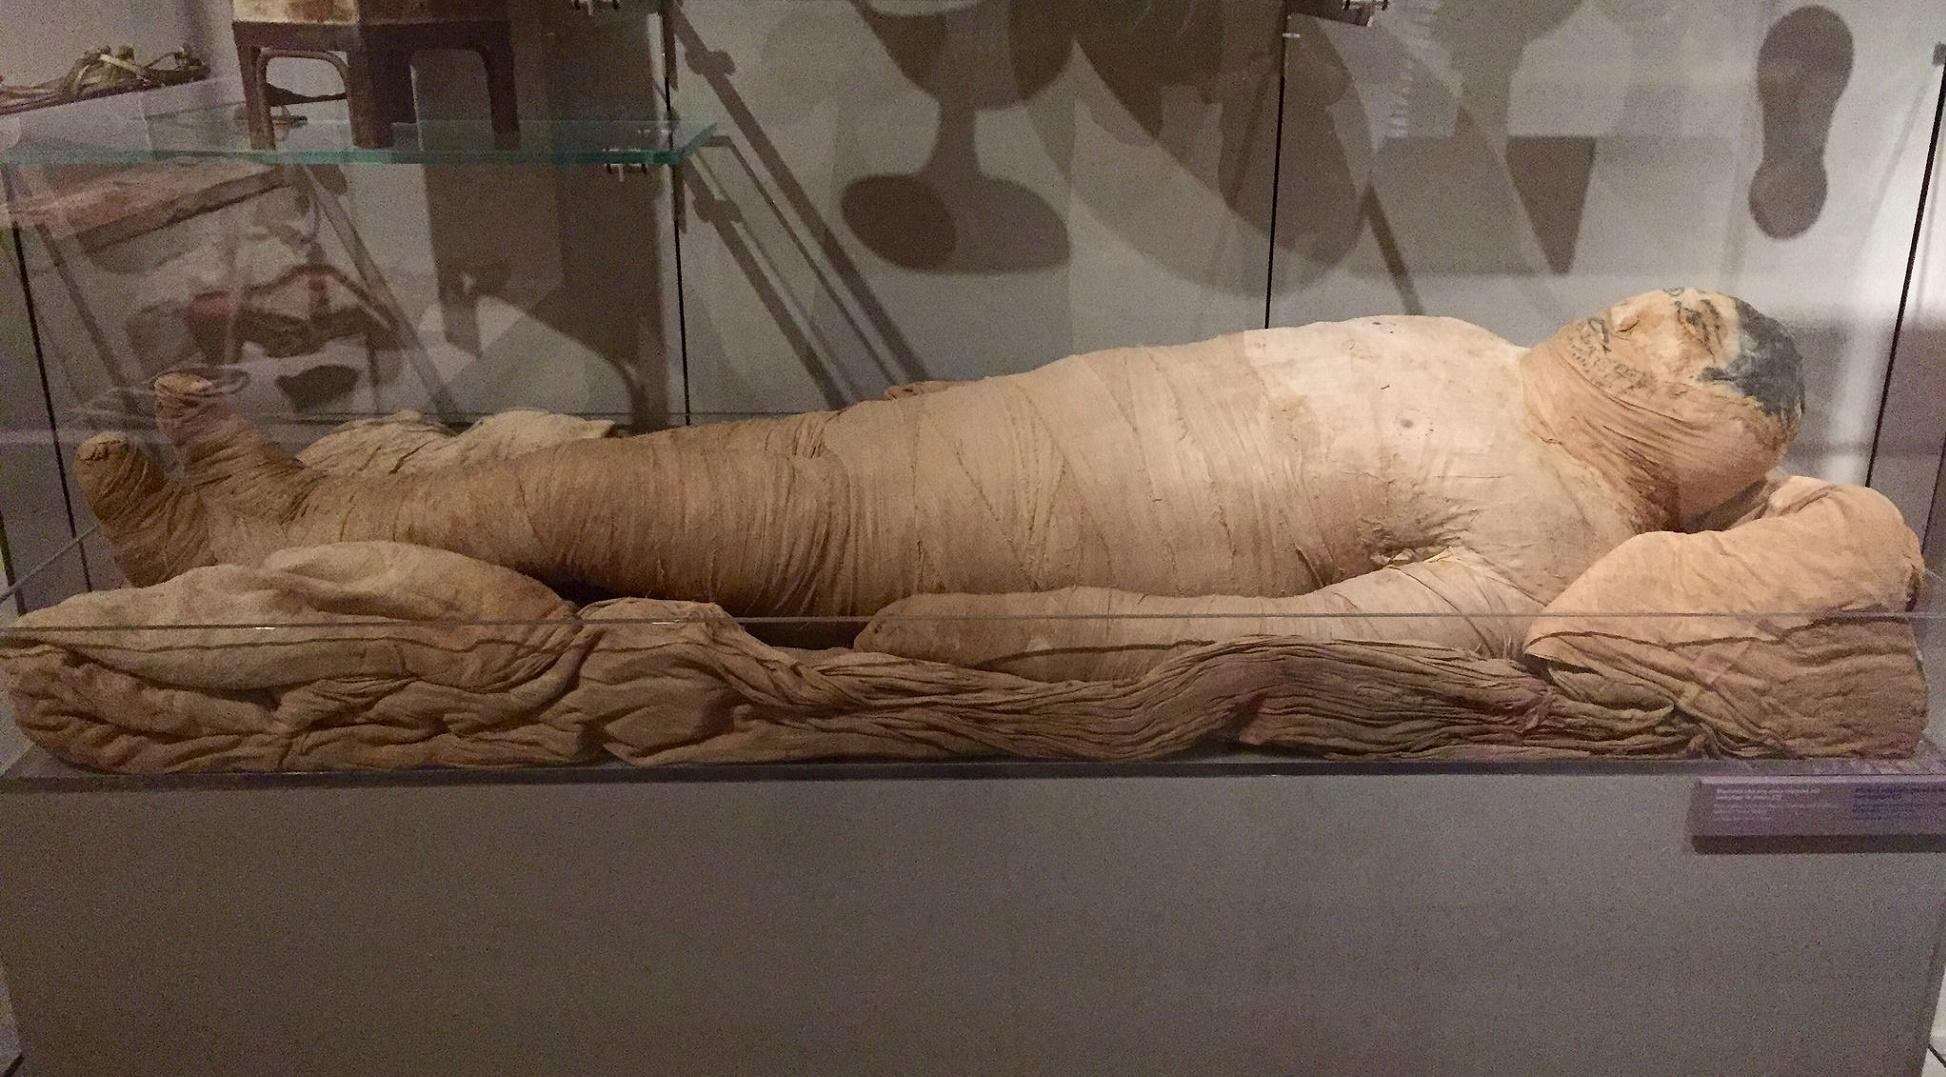 Reconstruyen la cara de una momia con escaneado e impresión 3D